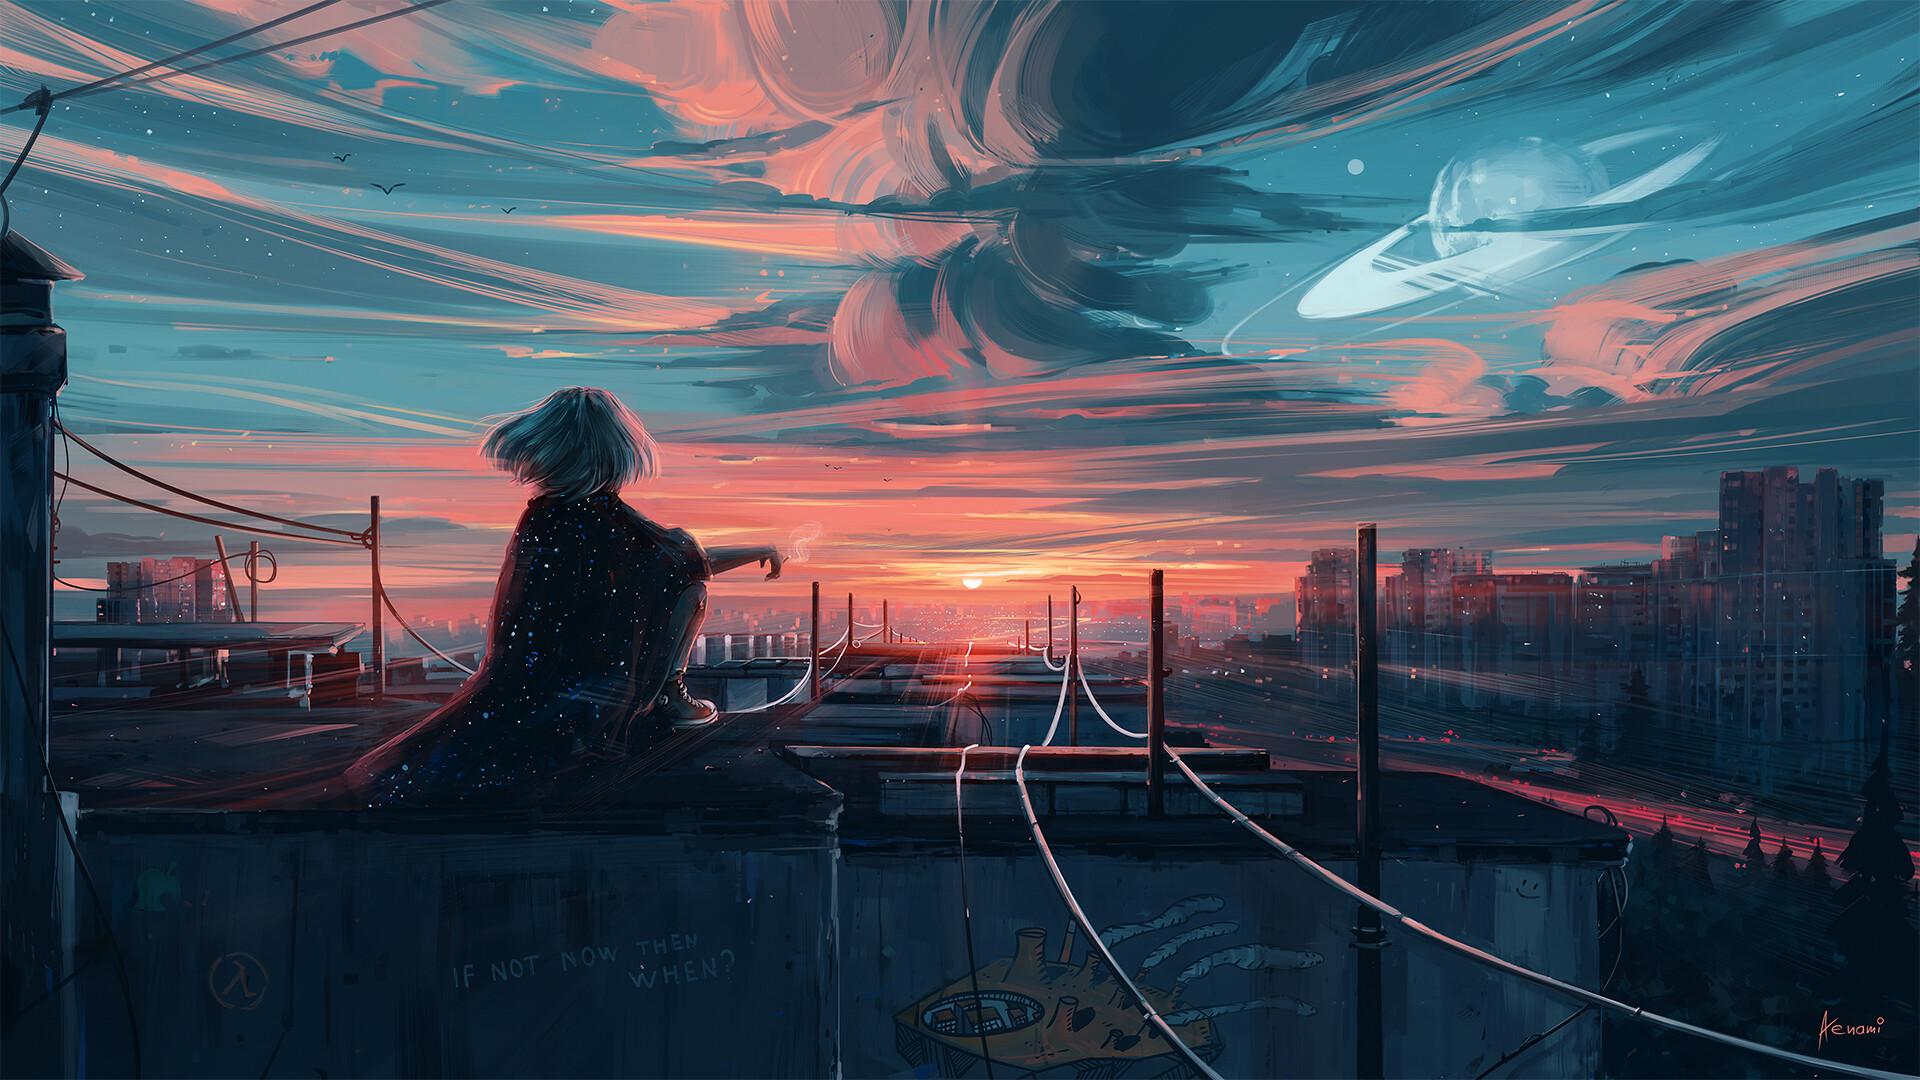 夕阳 少女 等待的女孩 城市 天空 动漫壁纸